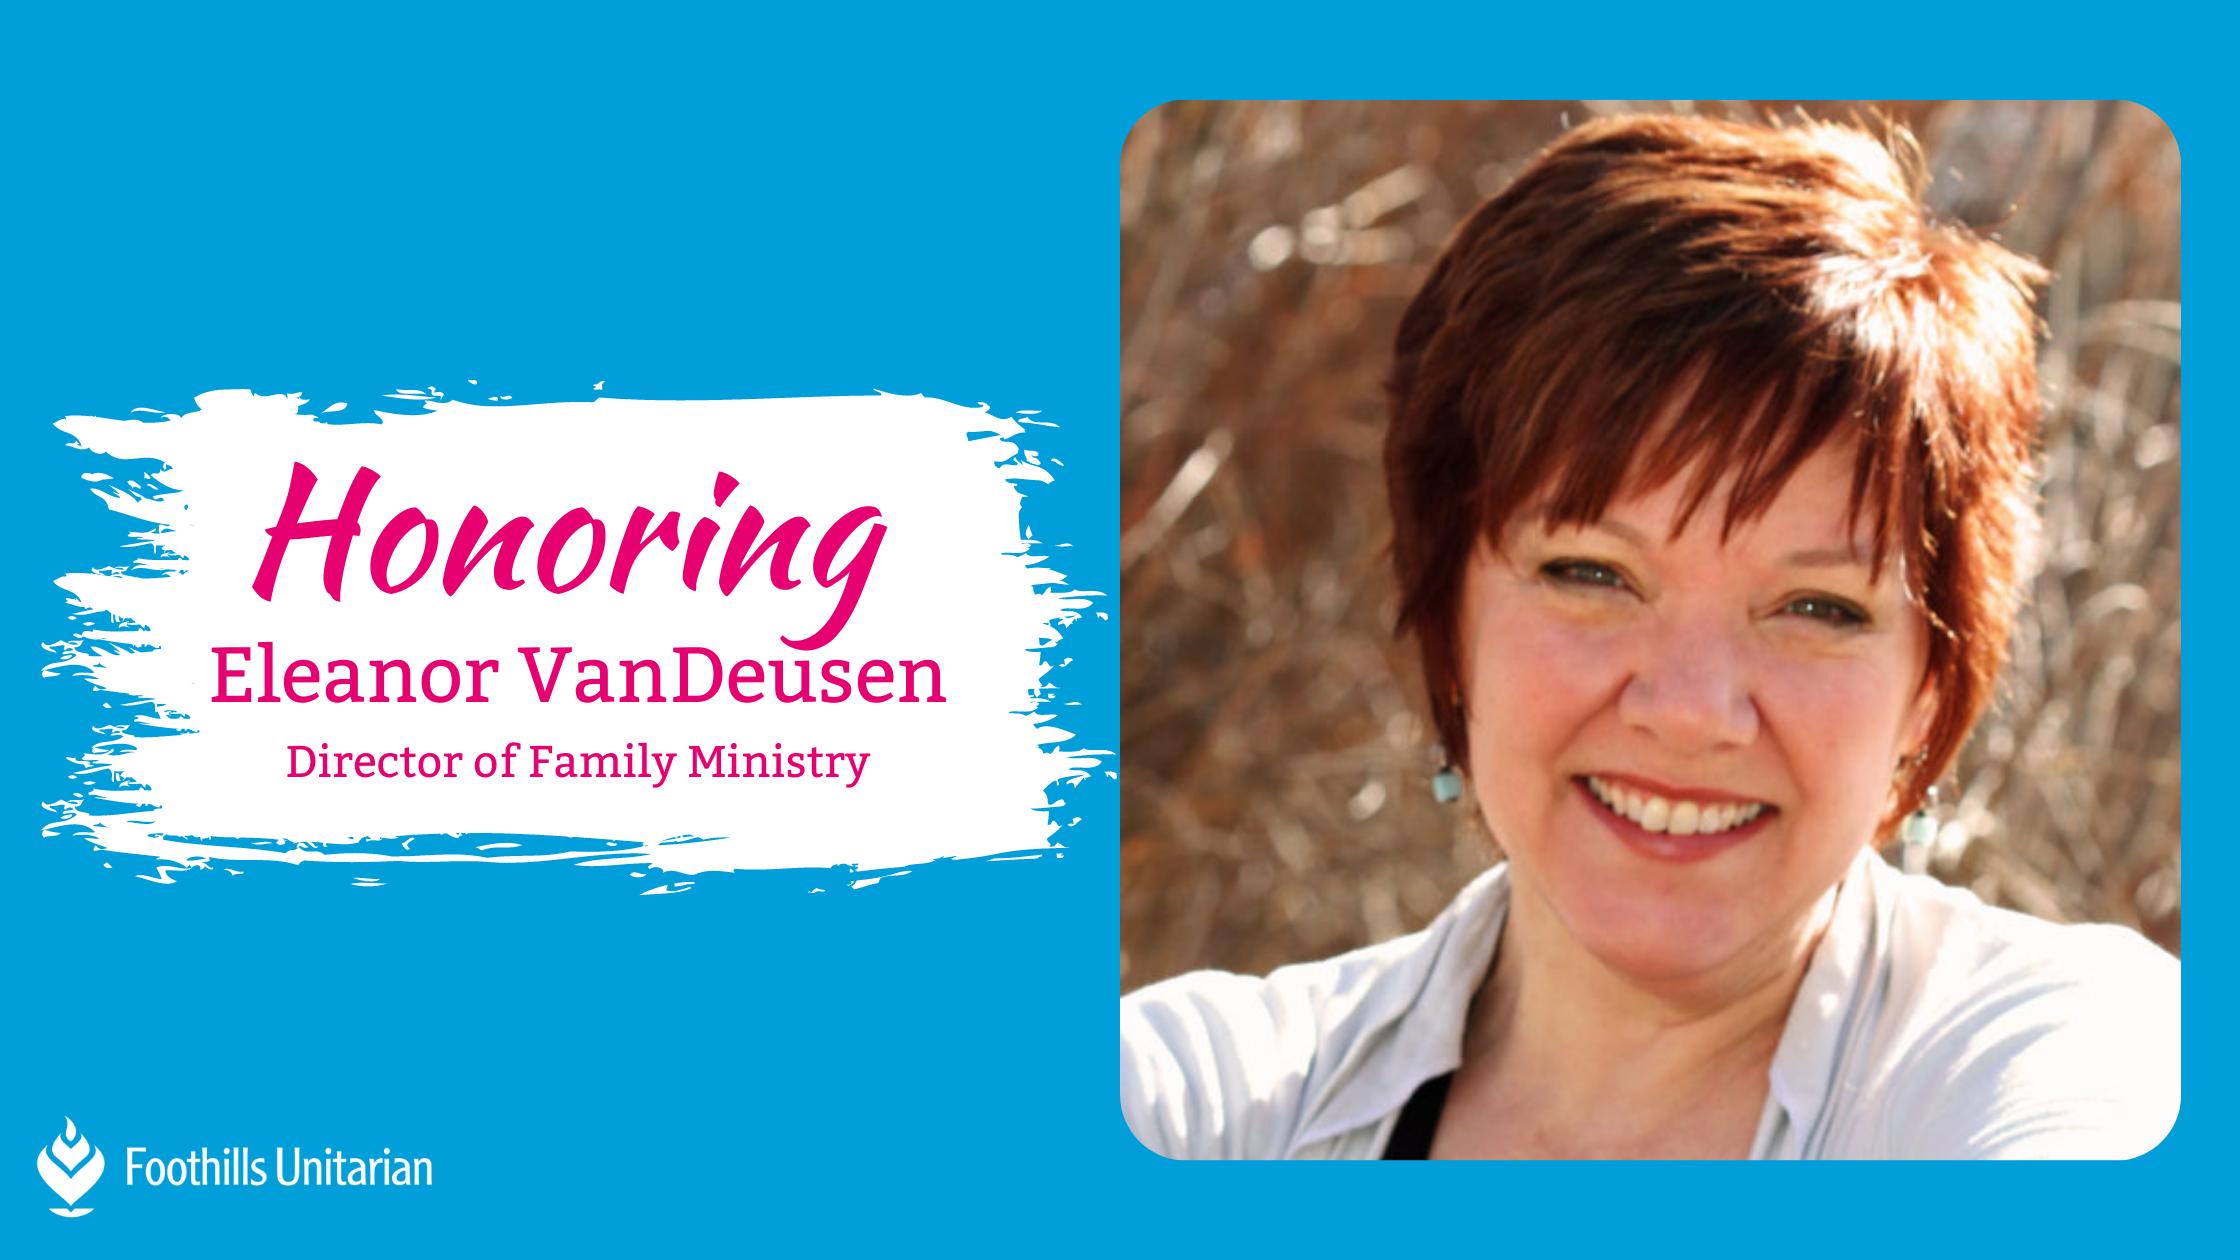 Honoring Eleanor VanDeusen